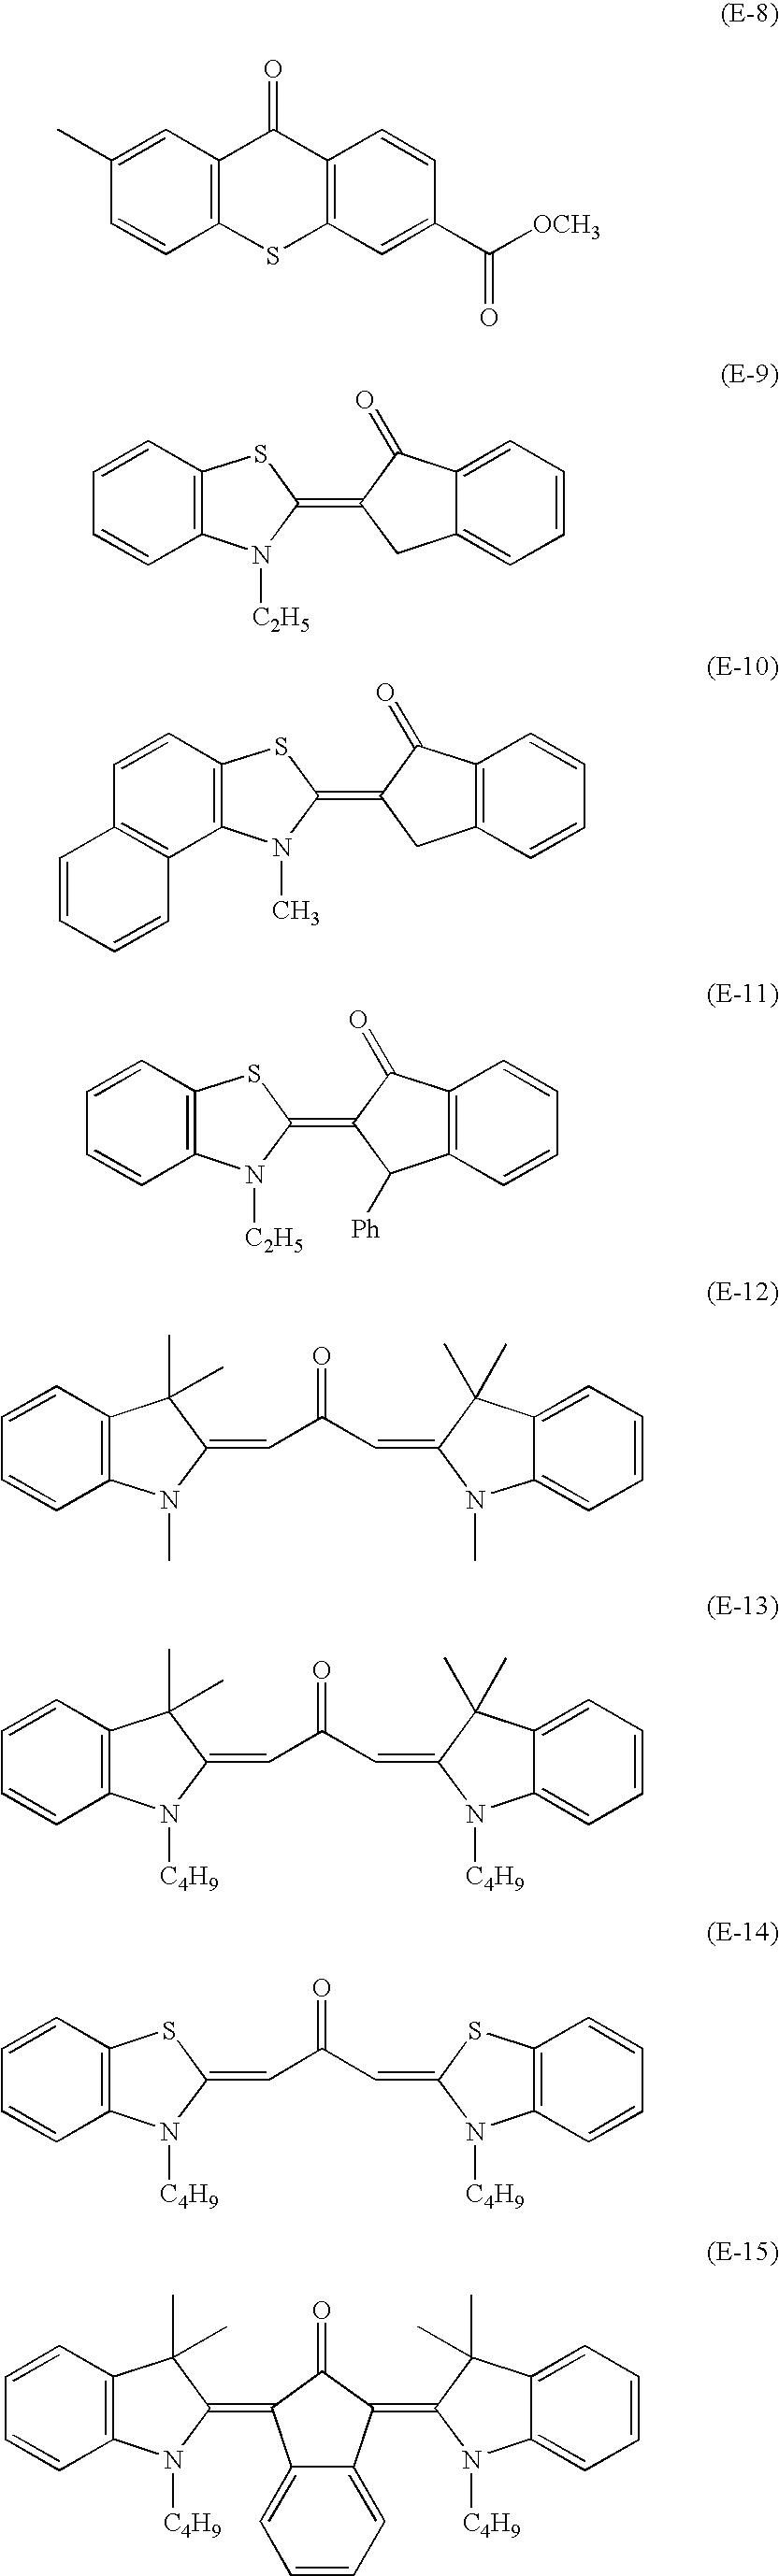 Figure US20090244116A1-20091001-C00024